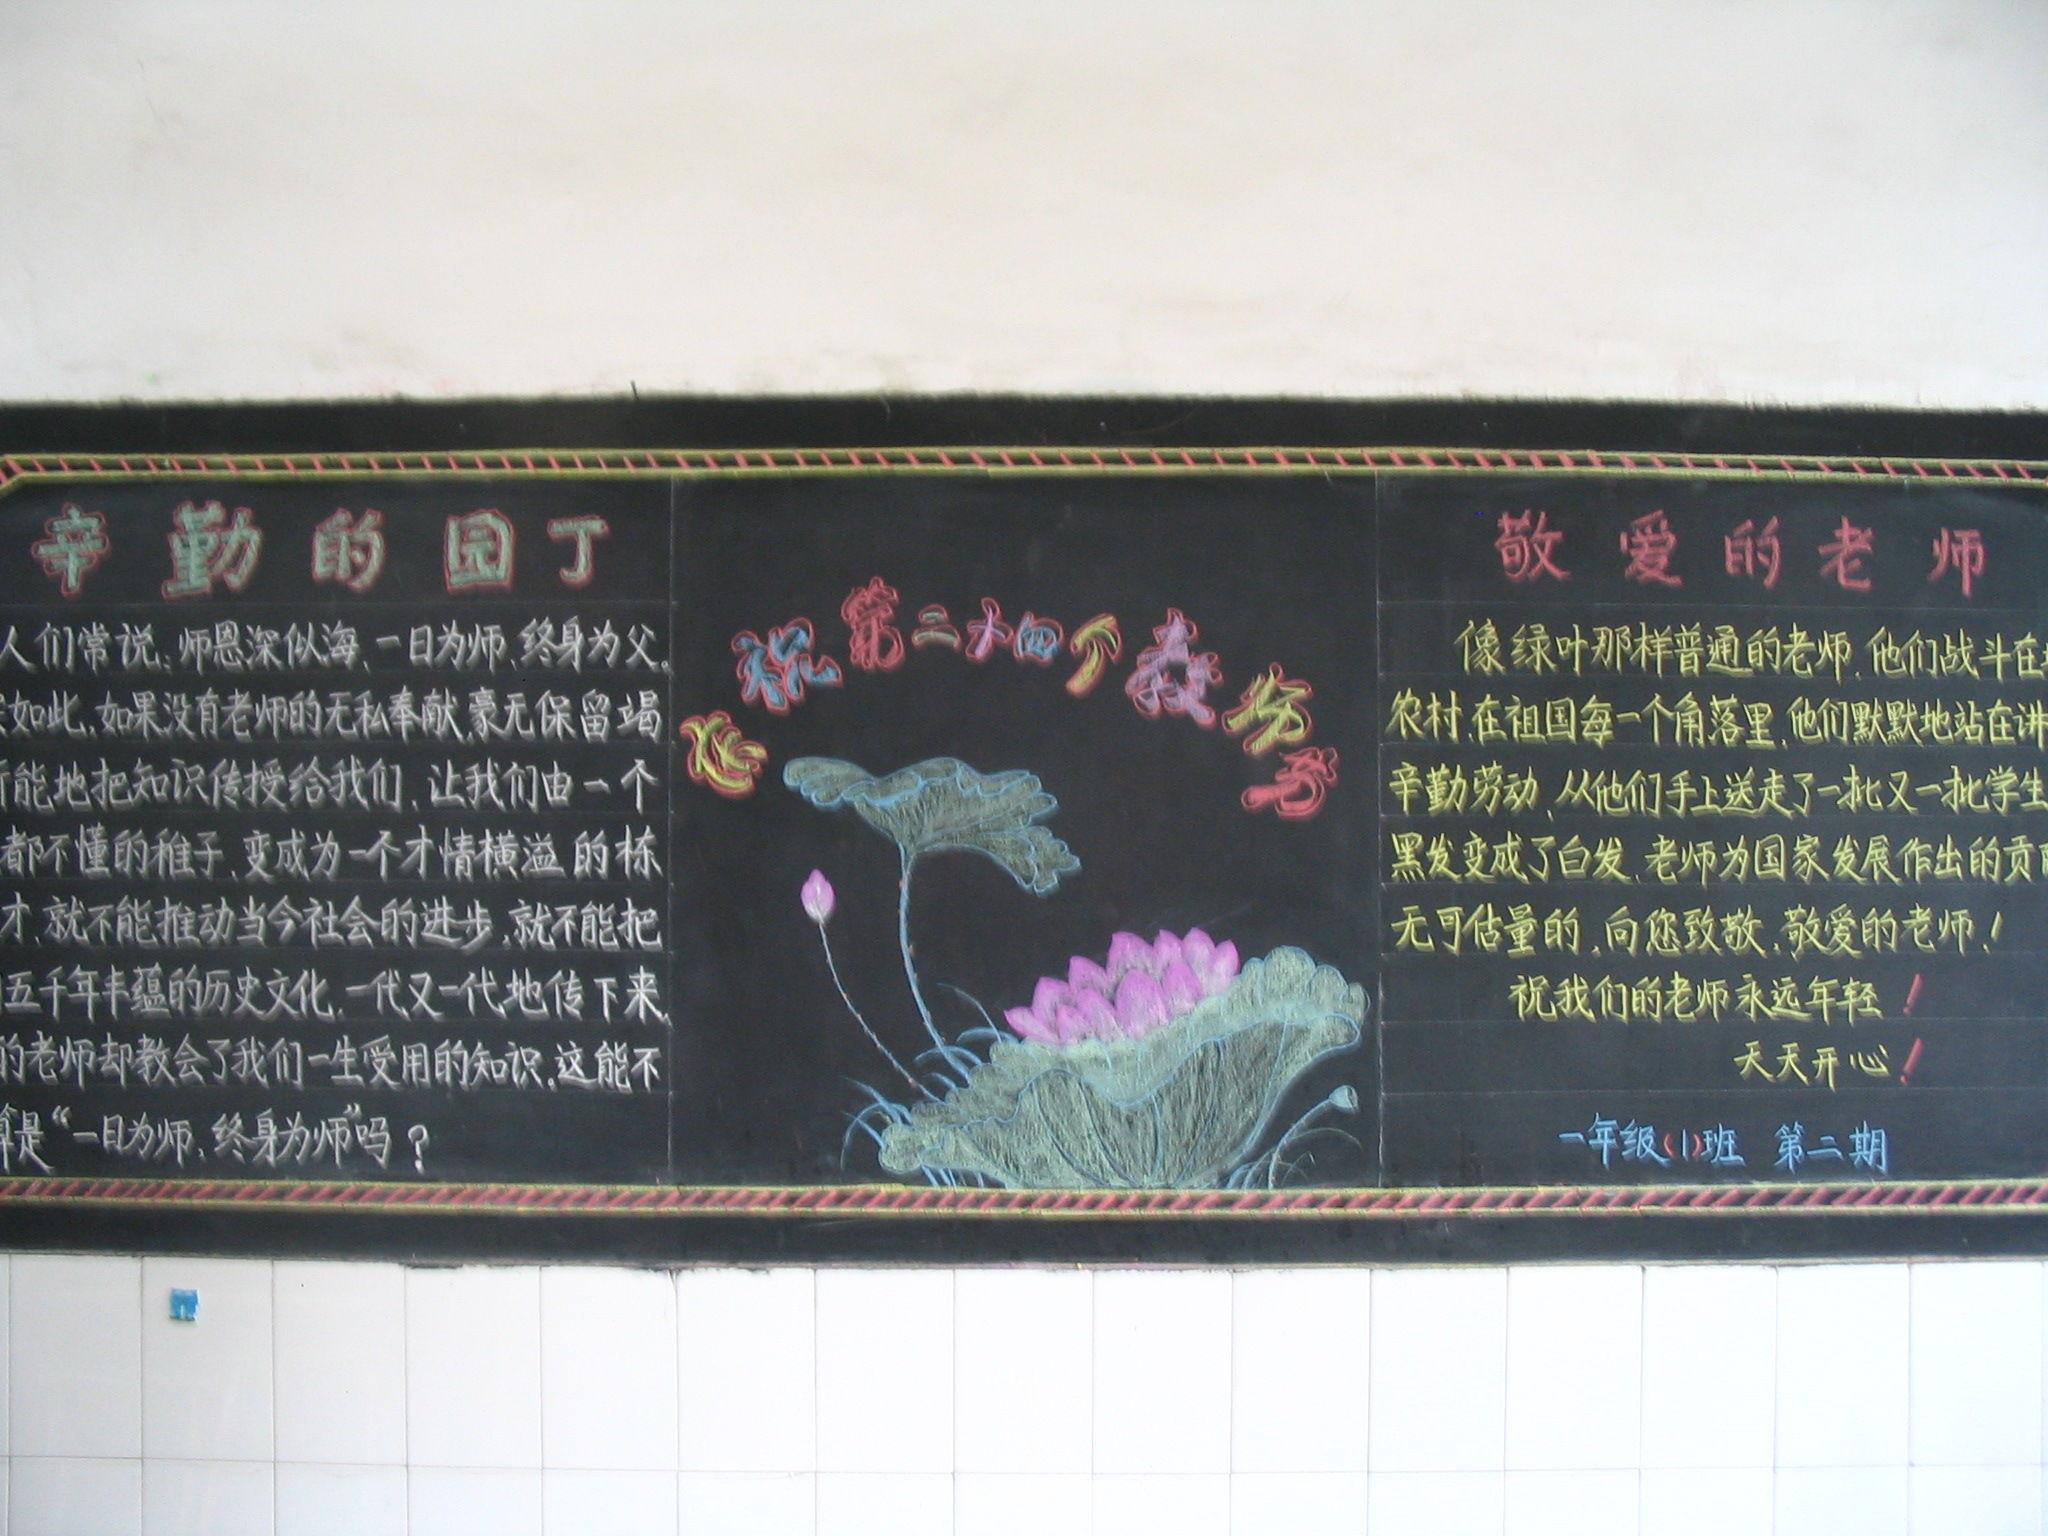 小学教师节黑板报 庆祝教师节图片